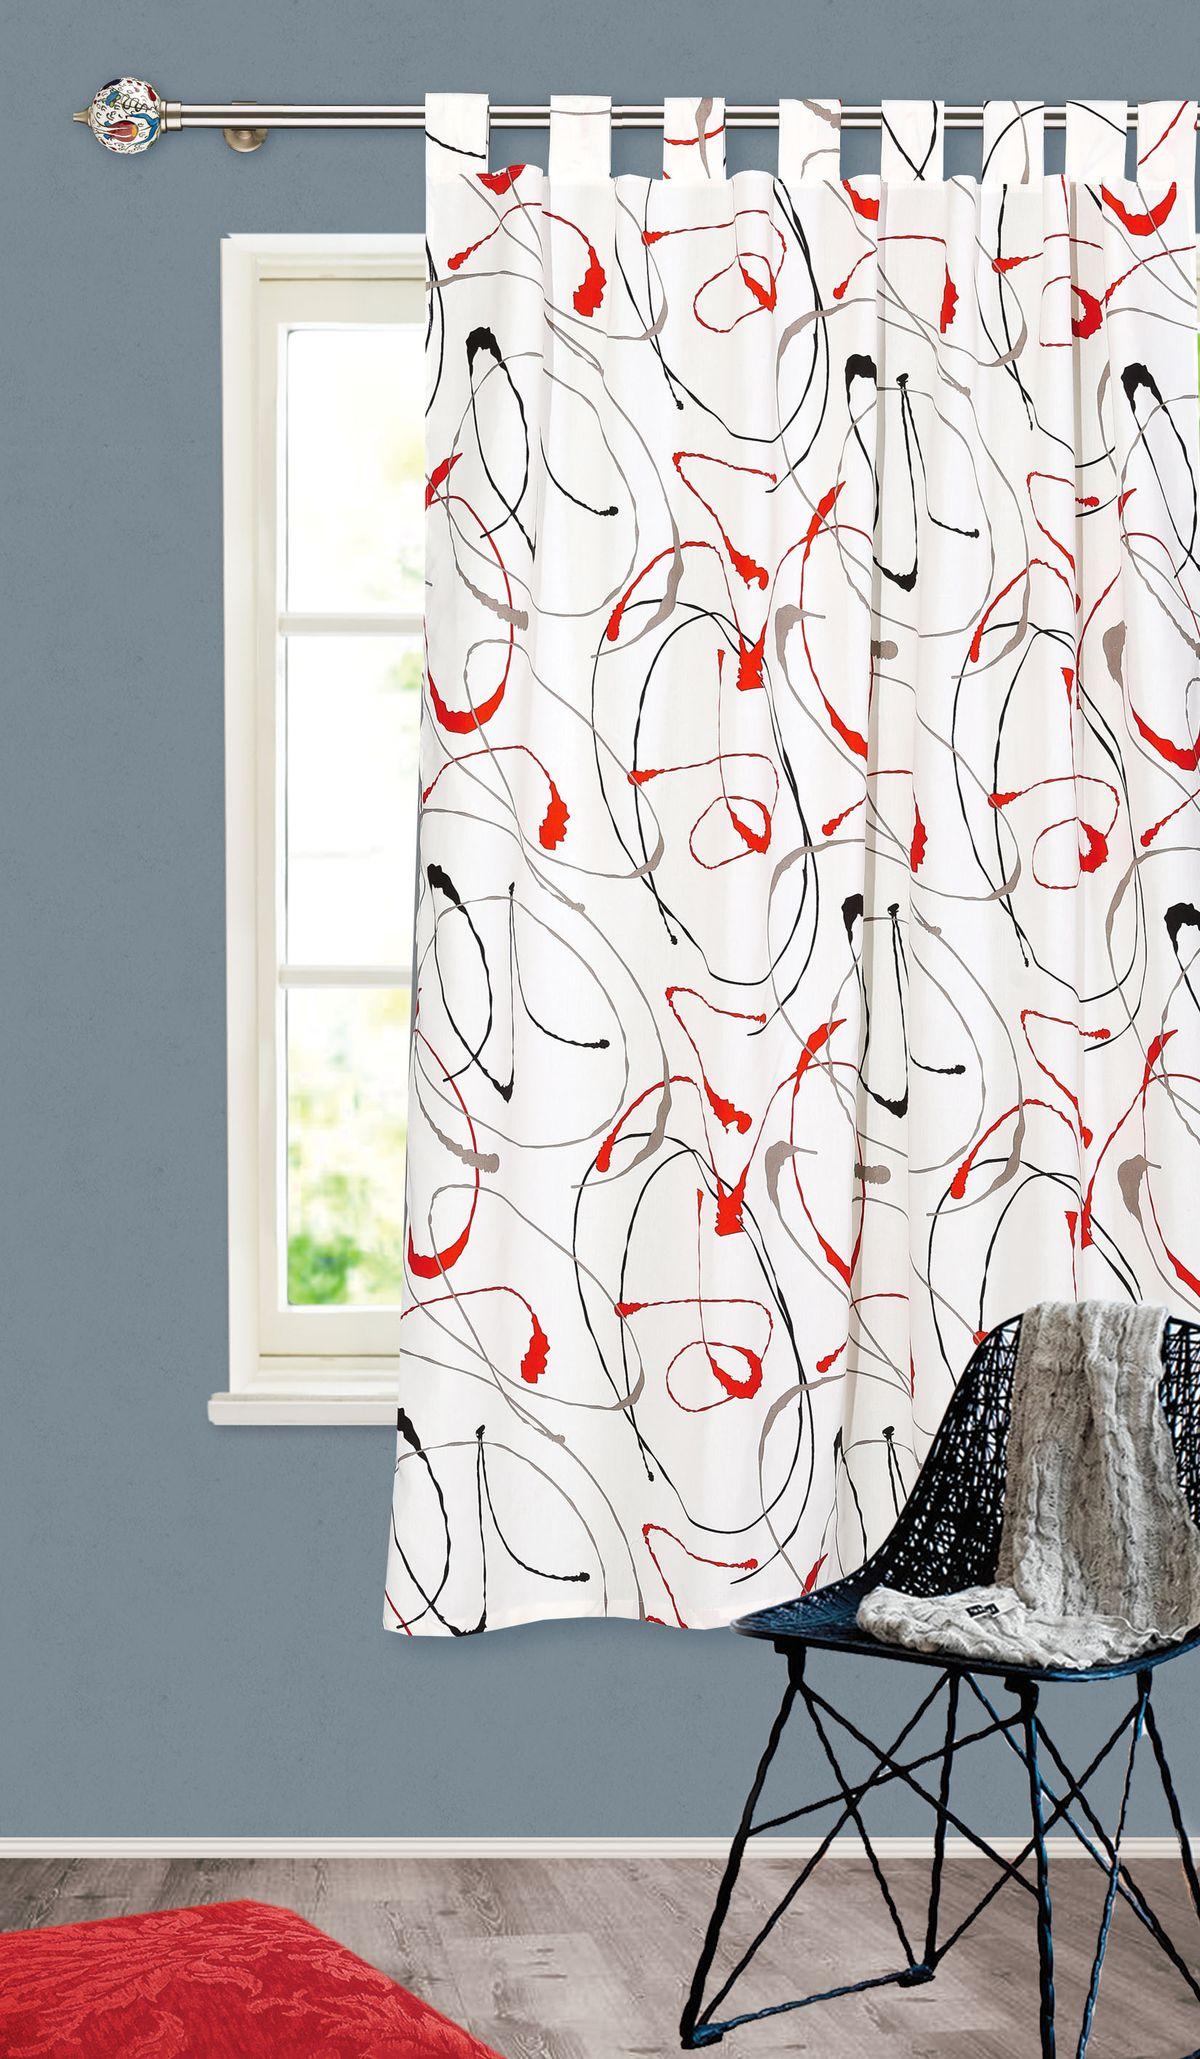 Штора готовая Garden, на петлях, цвет: белый, 140х180 см. С 4342 - W1687 140х180 V31С 4342 - W1687 140х180 V31Штора для кухни Garden выполнена из плотной ткани с рисунком. Приятная текстура материала и яркая цветовая гамма привлекут к себе внимание и станут великолепным украшением кухонного окна. Штора крепится на карниз при помощи петель, которая поможет красиво и равномерно задрапировать верх.